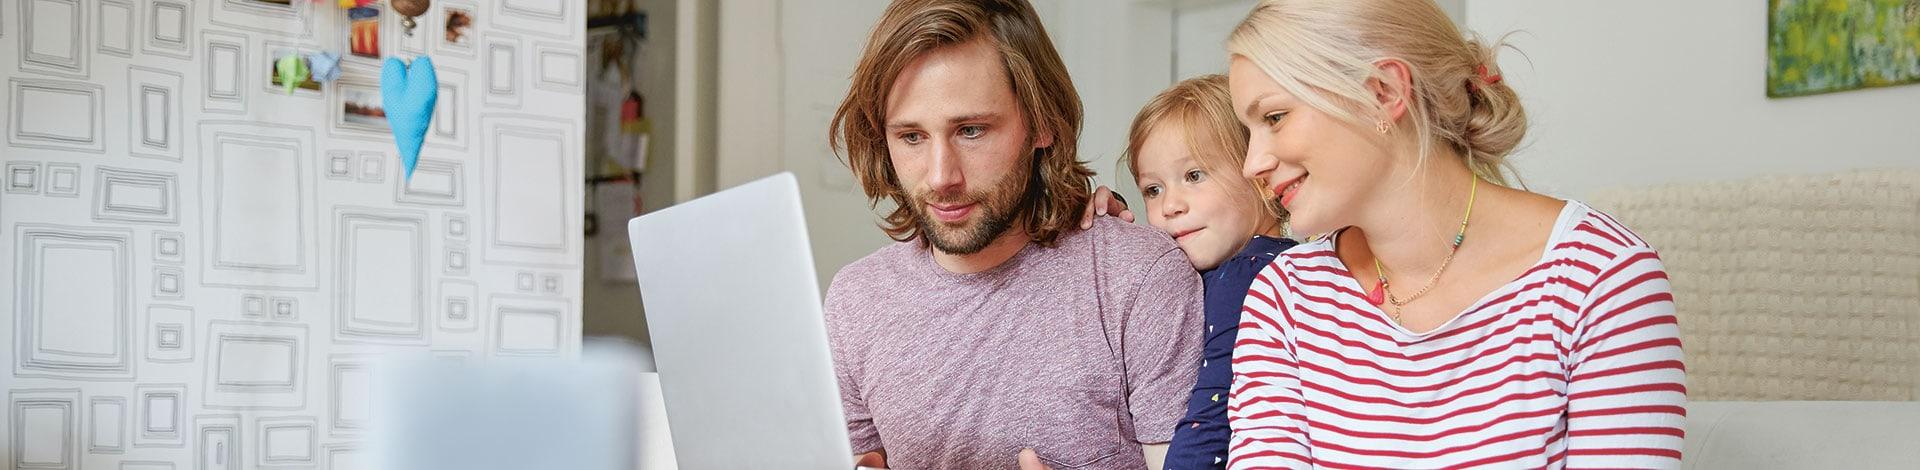 Assicurazione risparmio evolutiva la mobiliare for Assicurazione domestica